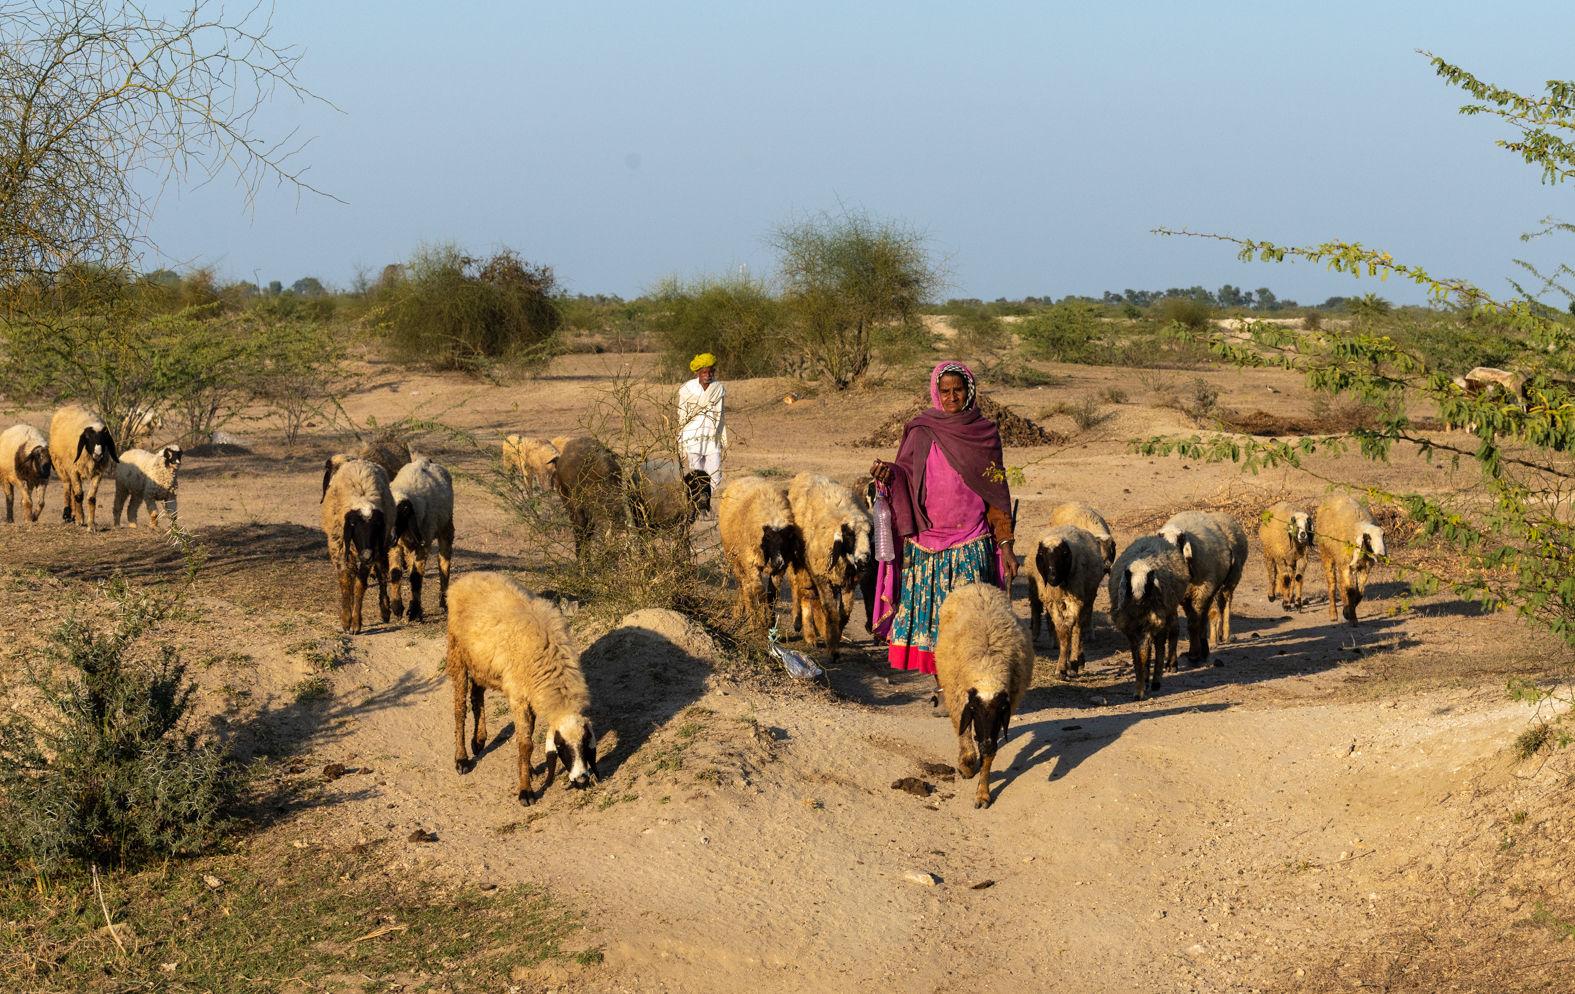 Dhikola village, Shapura, Rajasthan